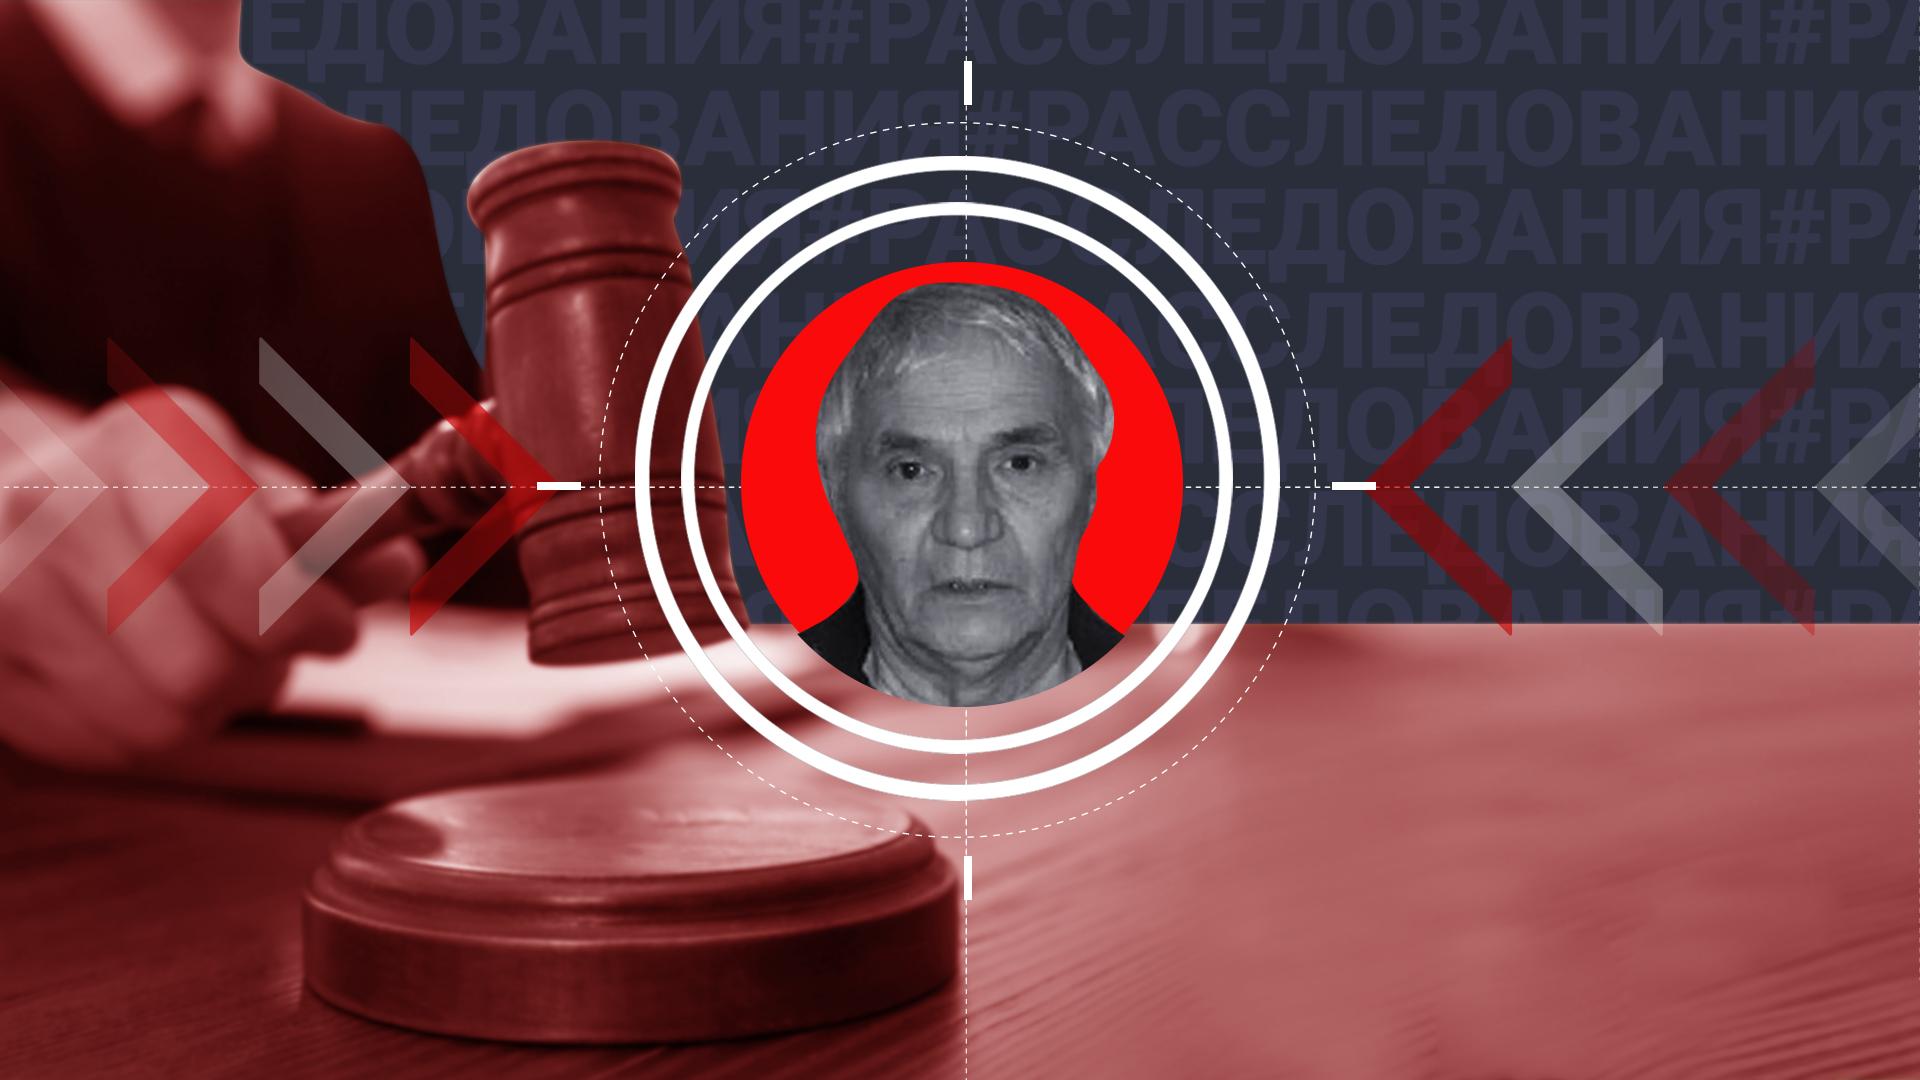 Последний срок Волчка: Старейшего российского вора в законе судят за криминальный статус